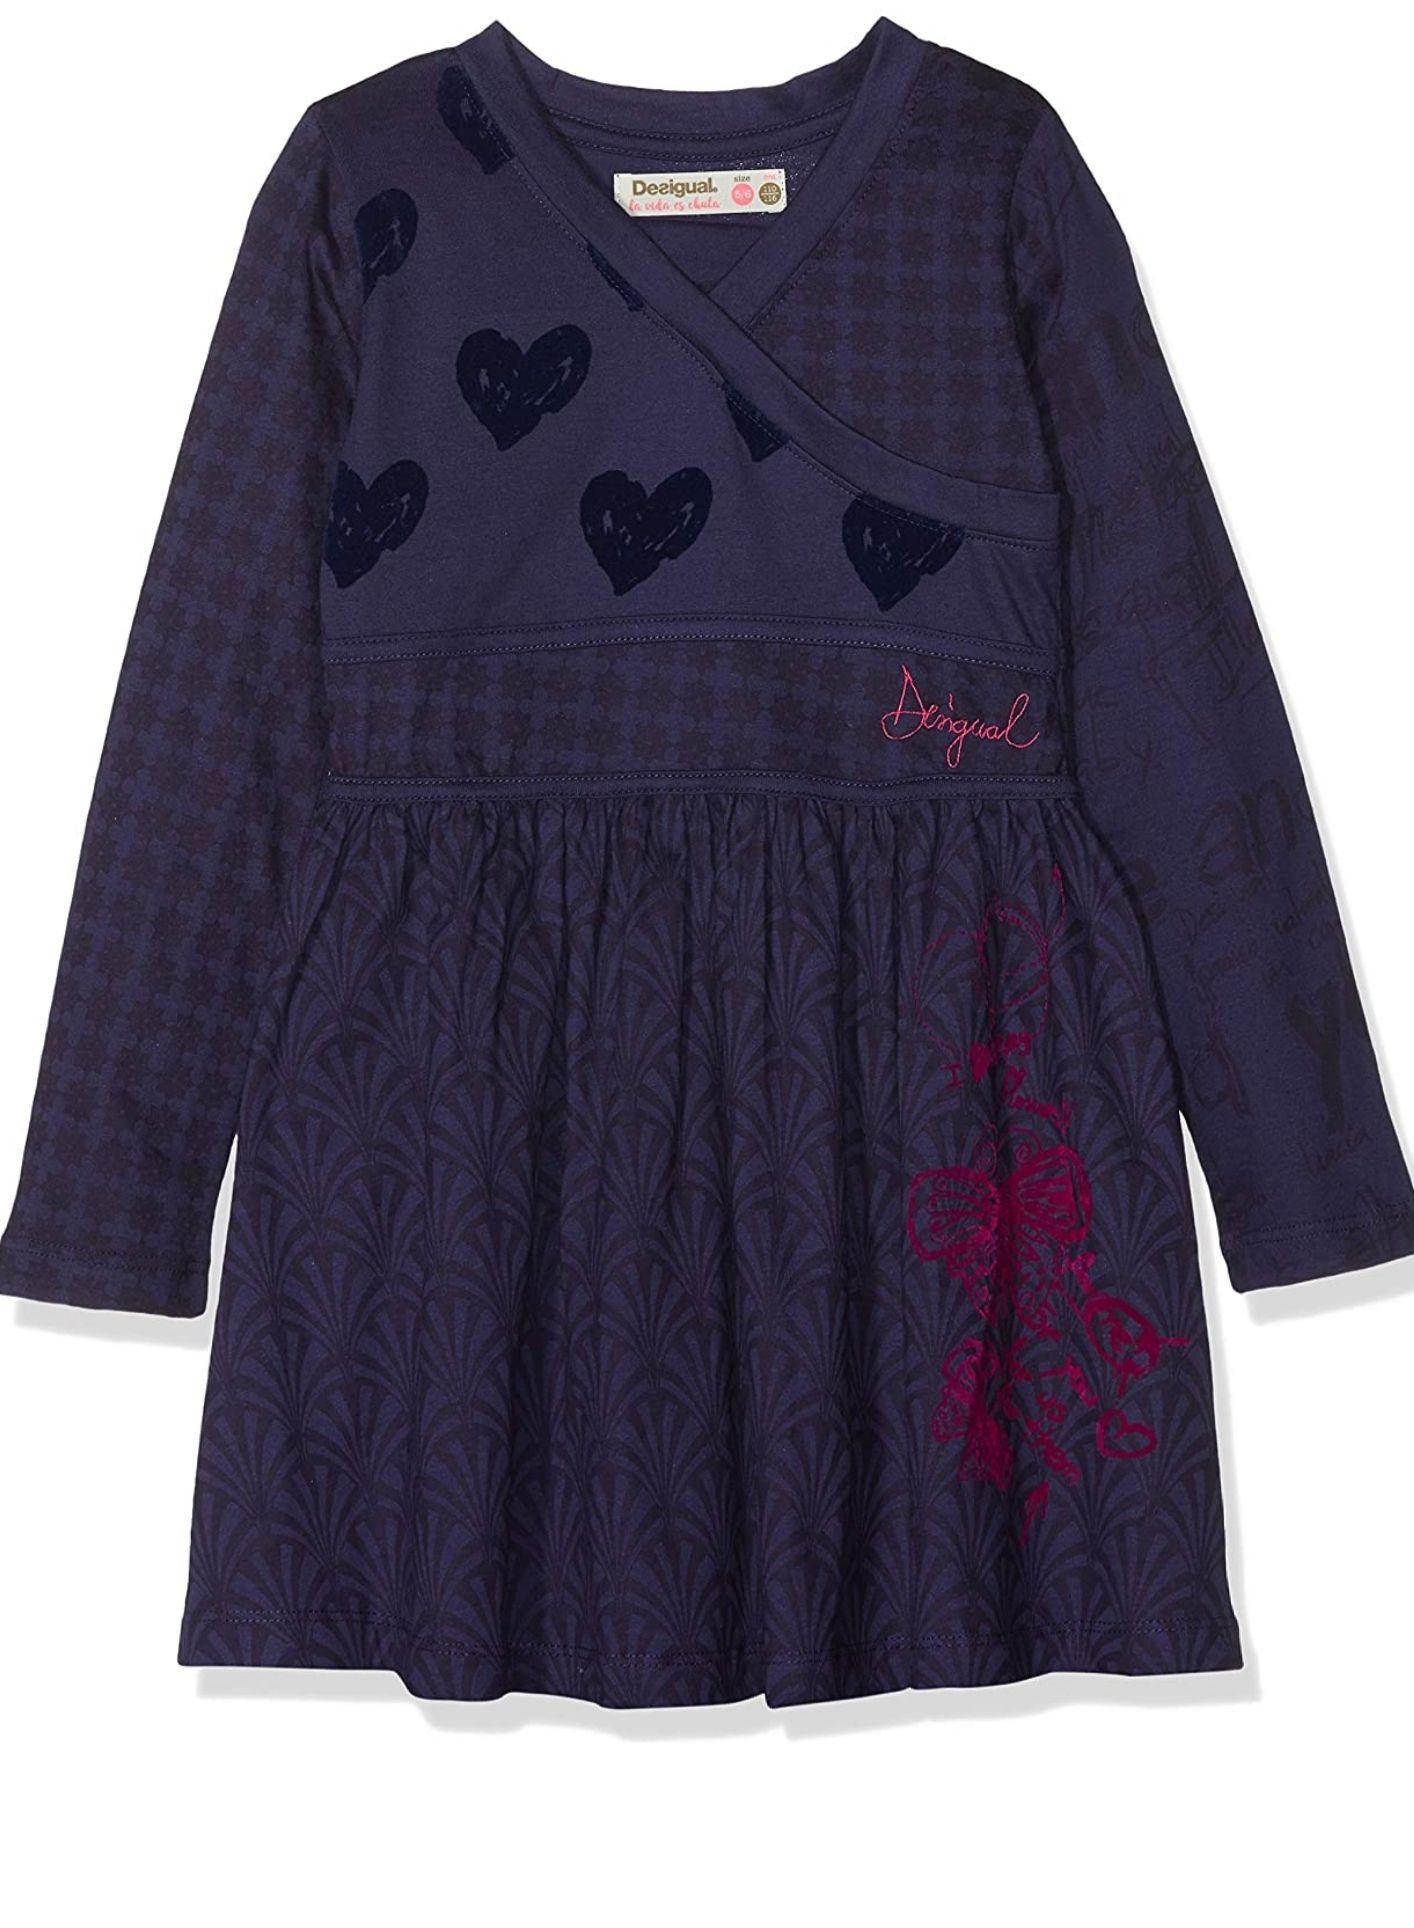 Vestido Desigual para niña-Talla 5/6 años